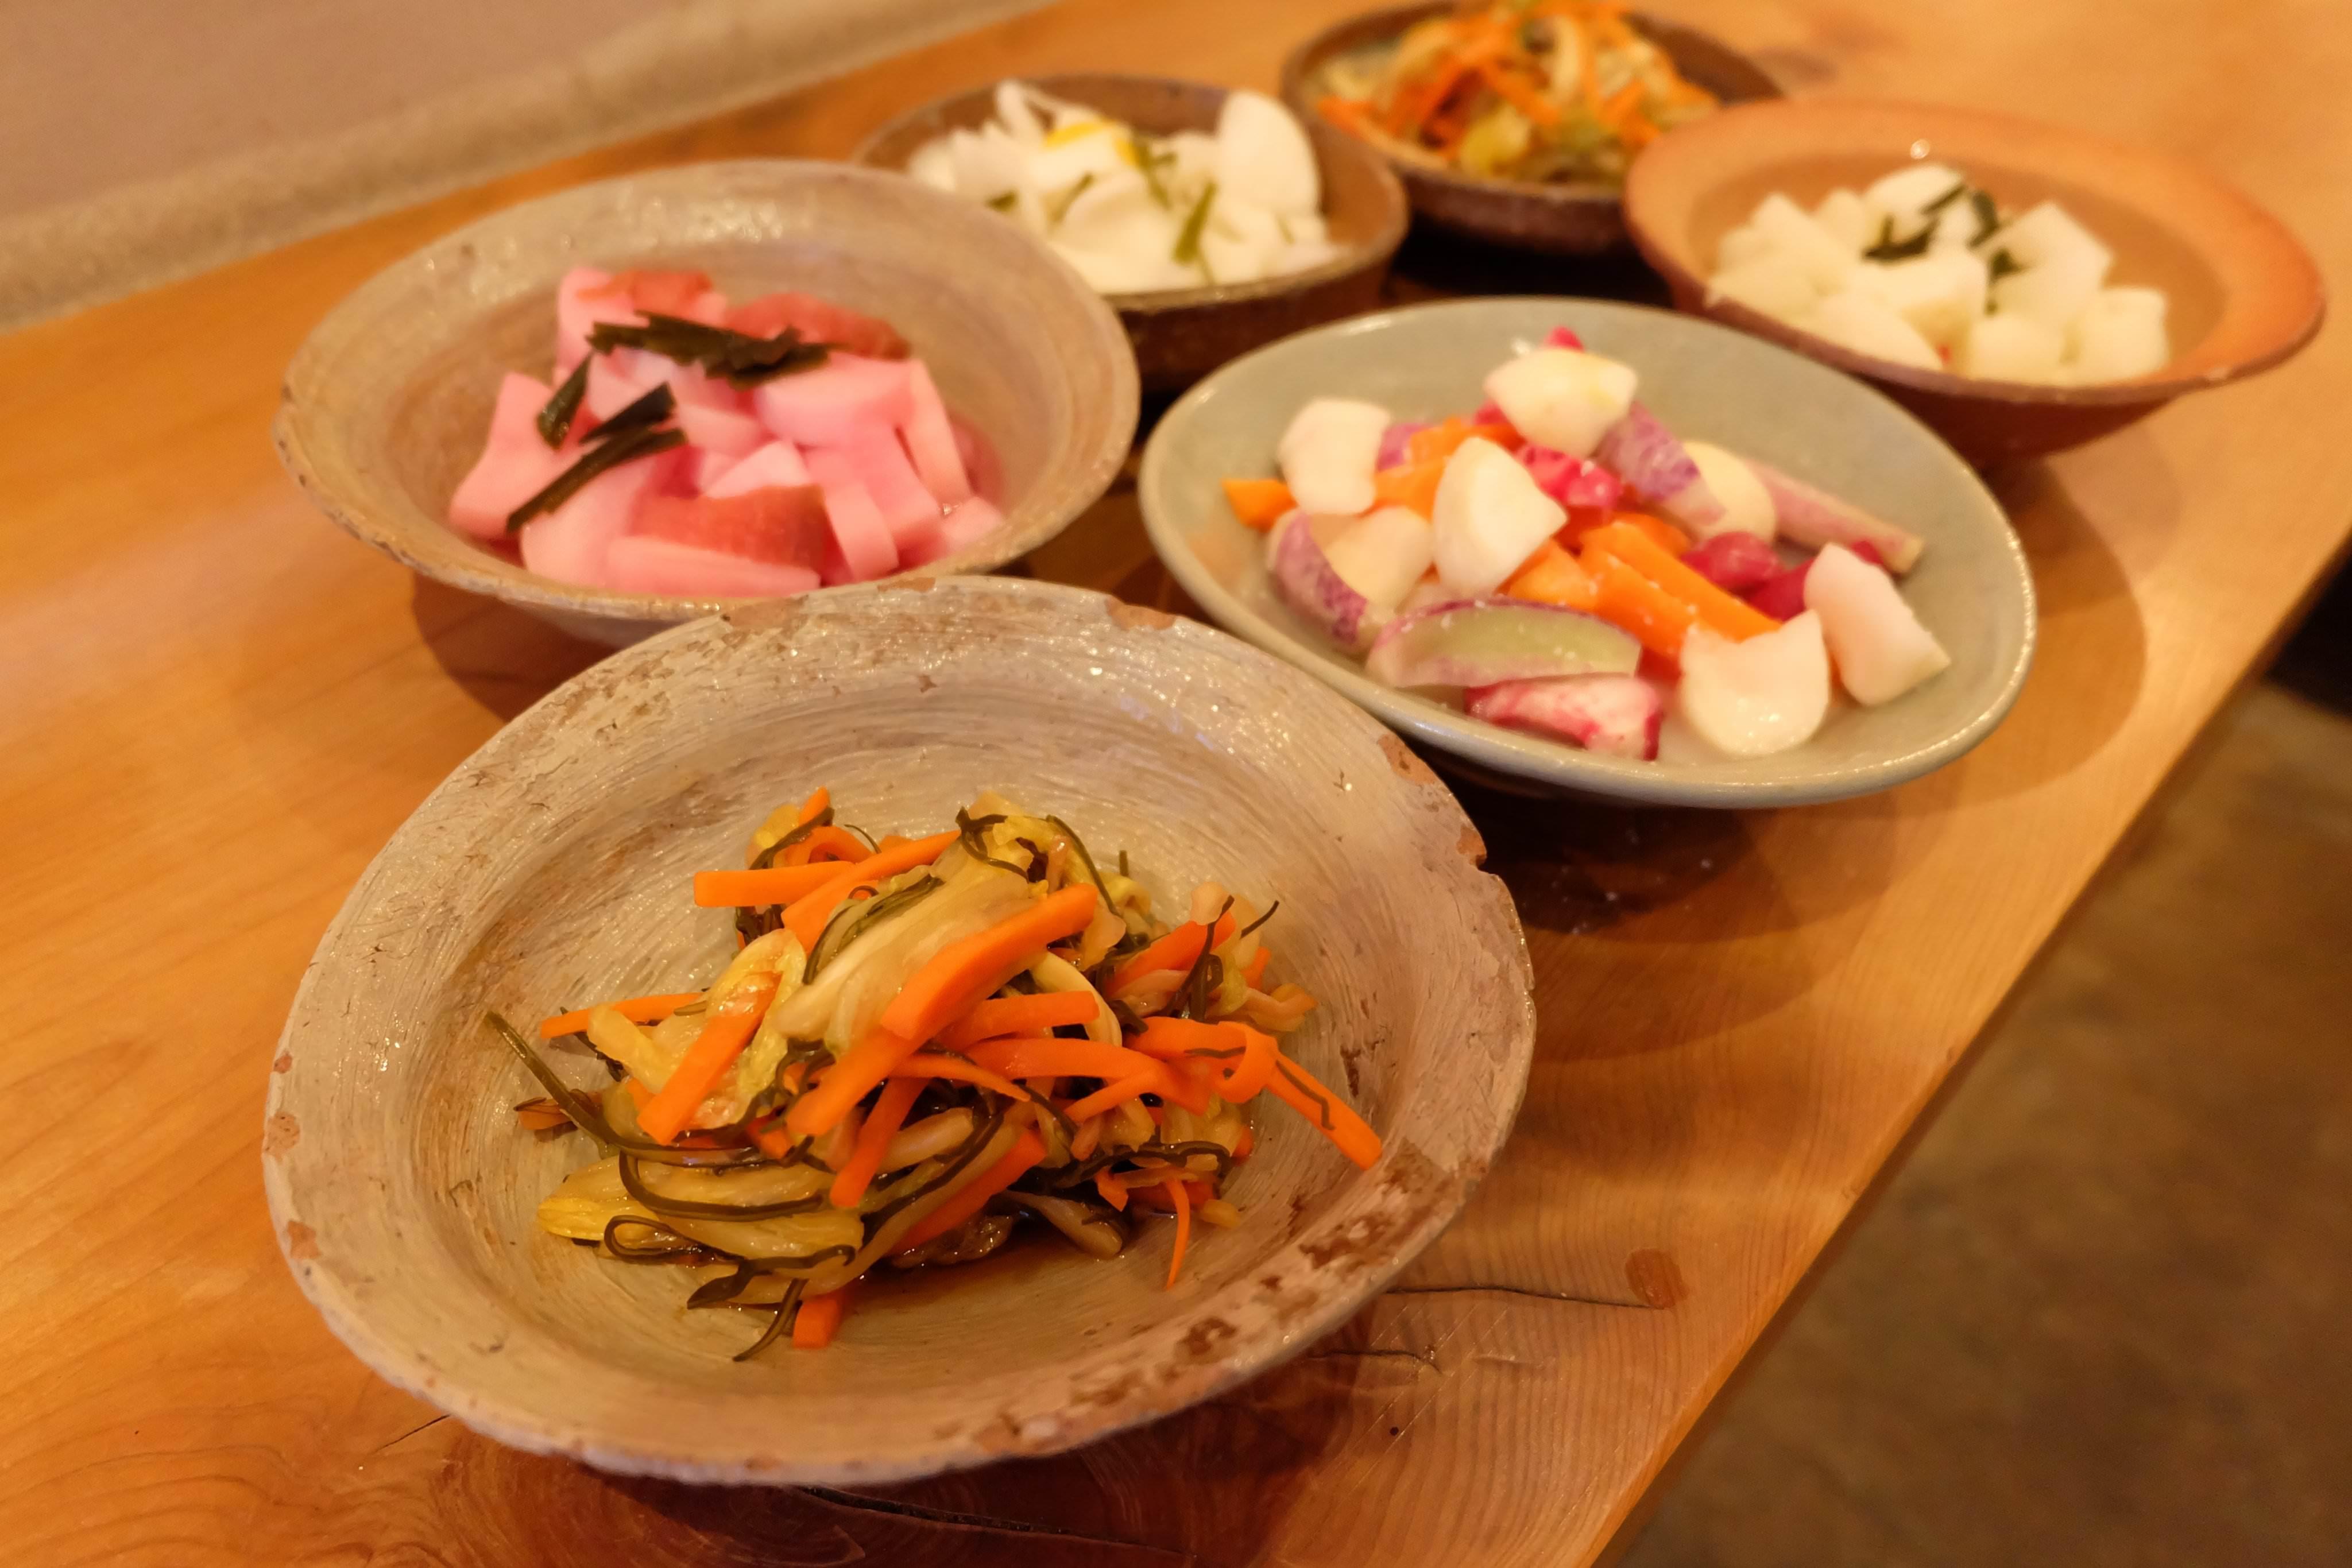 【お出かけルポ】旬の野菜を楽しむ健康美容食。結わえるの「体がよろこぶてづくり漬物教室」に参加しました!@蔵前